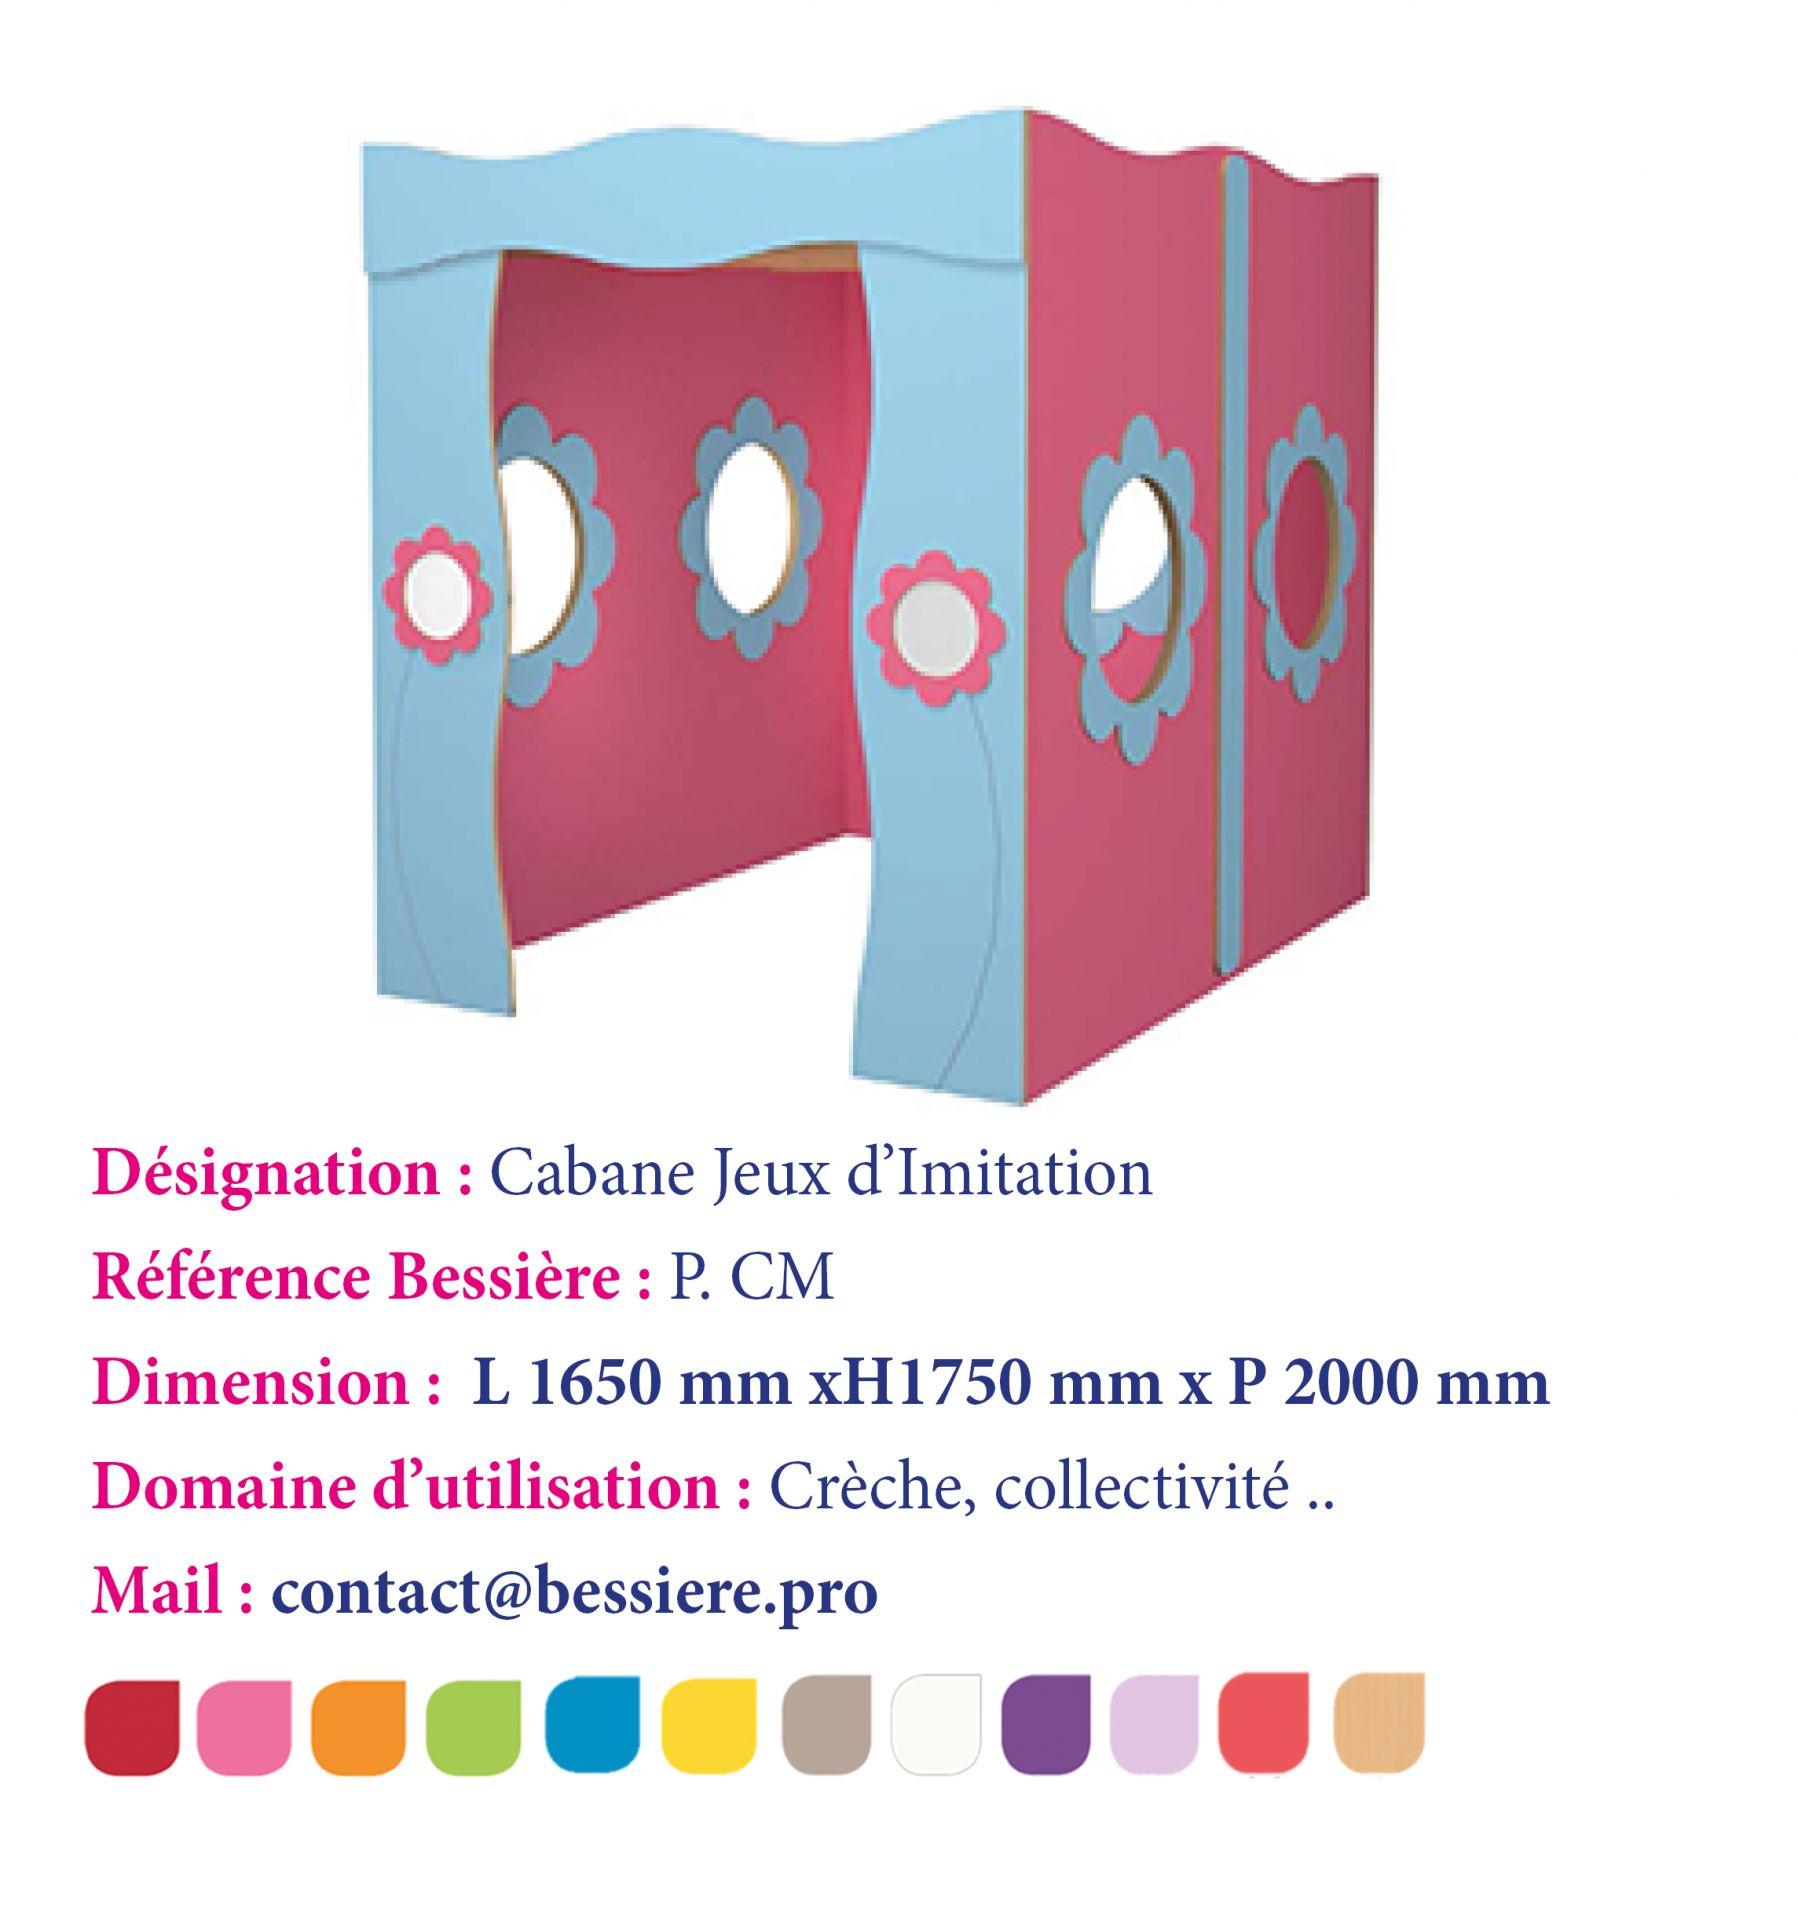 TENTE D'IMITATION